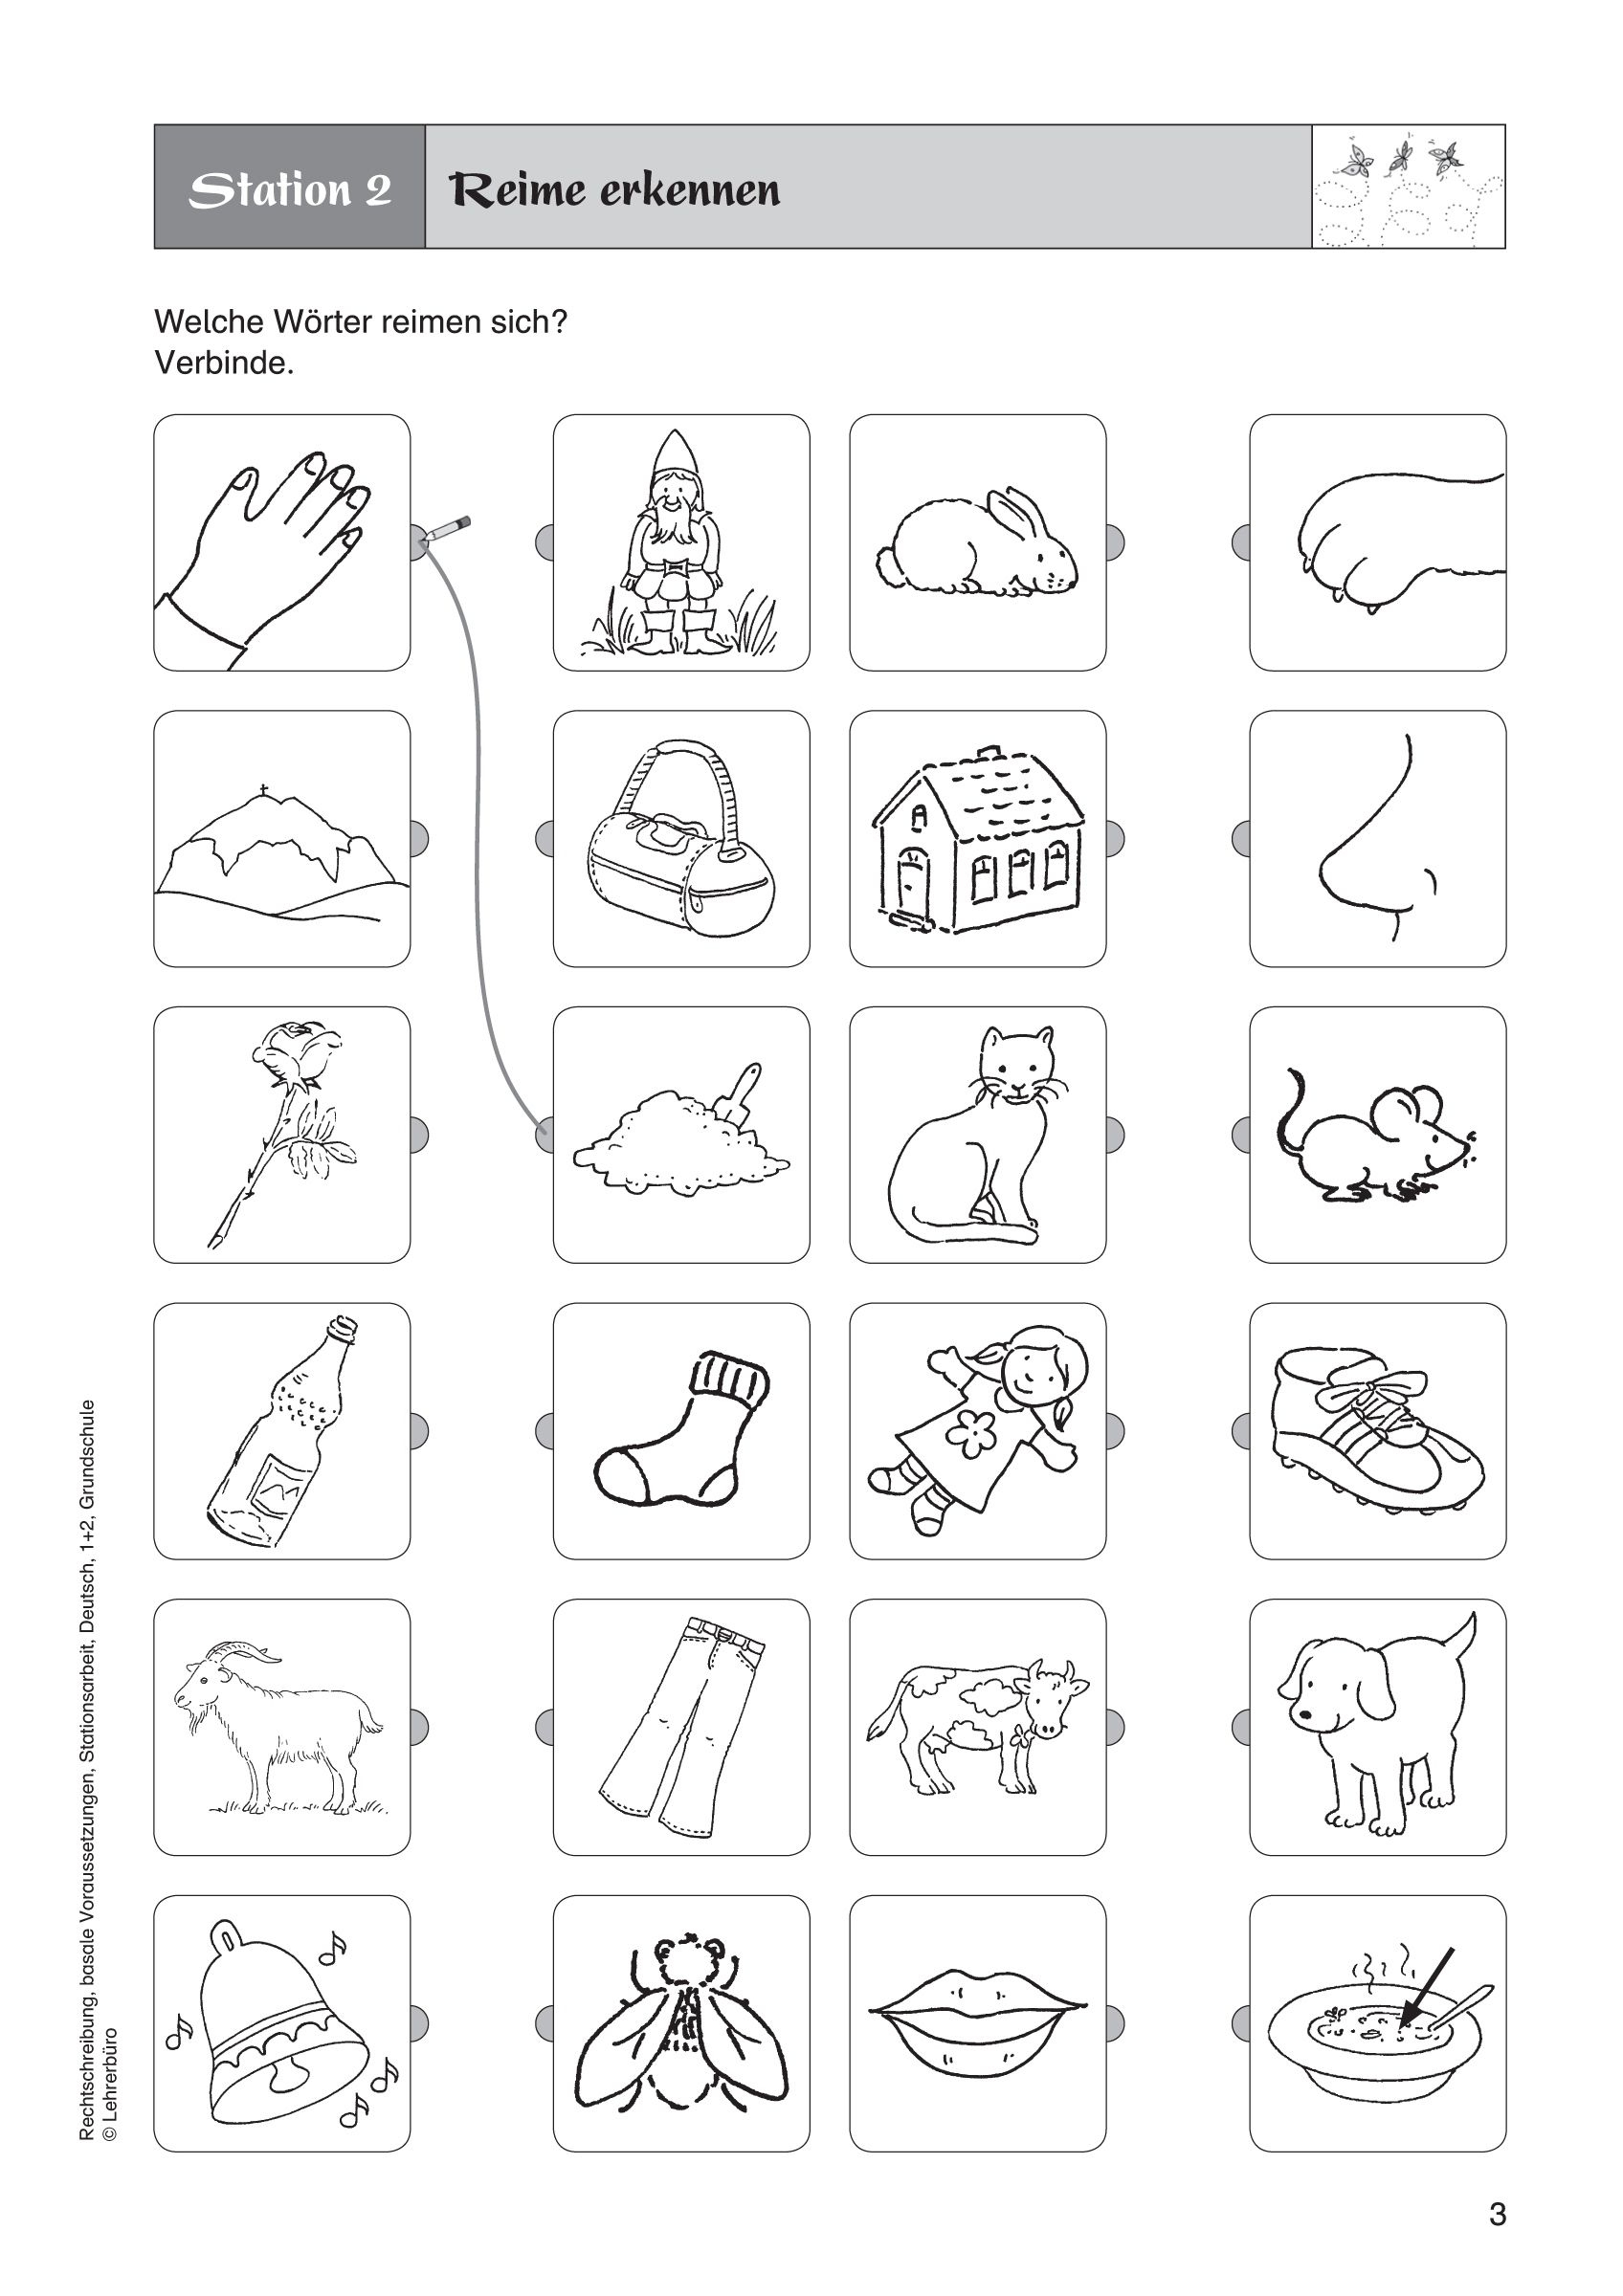 Arbeitsblätter Grundschule 1 Klasse Ausdrucken 1 Klasse bestimmt für Übungen Für Vorschulkinder Zum Ausdrucken